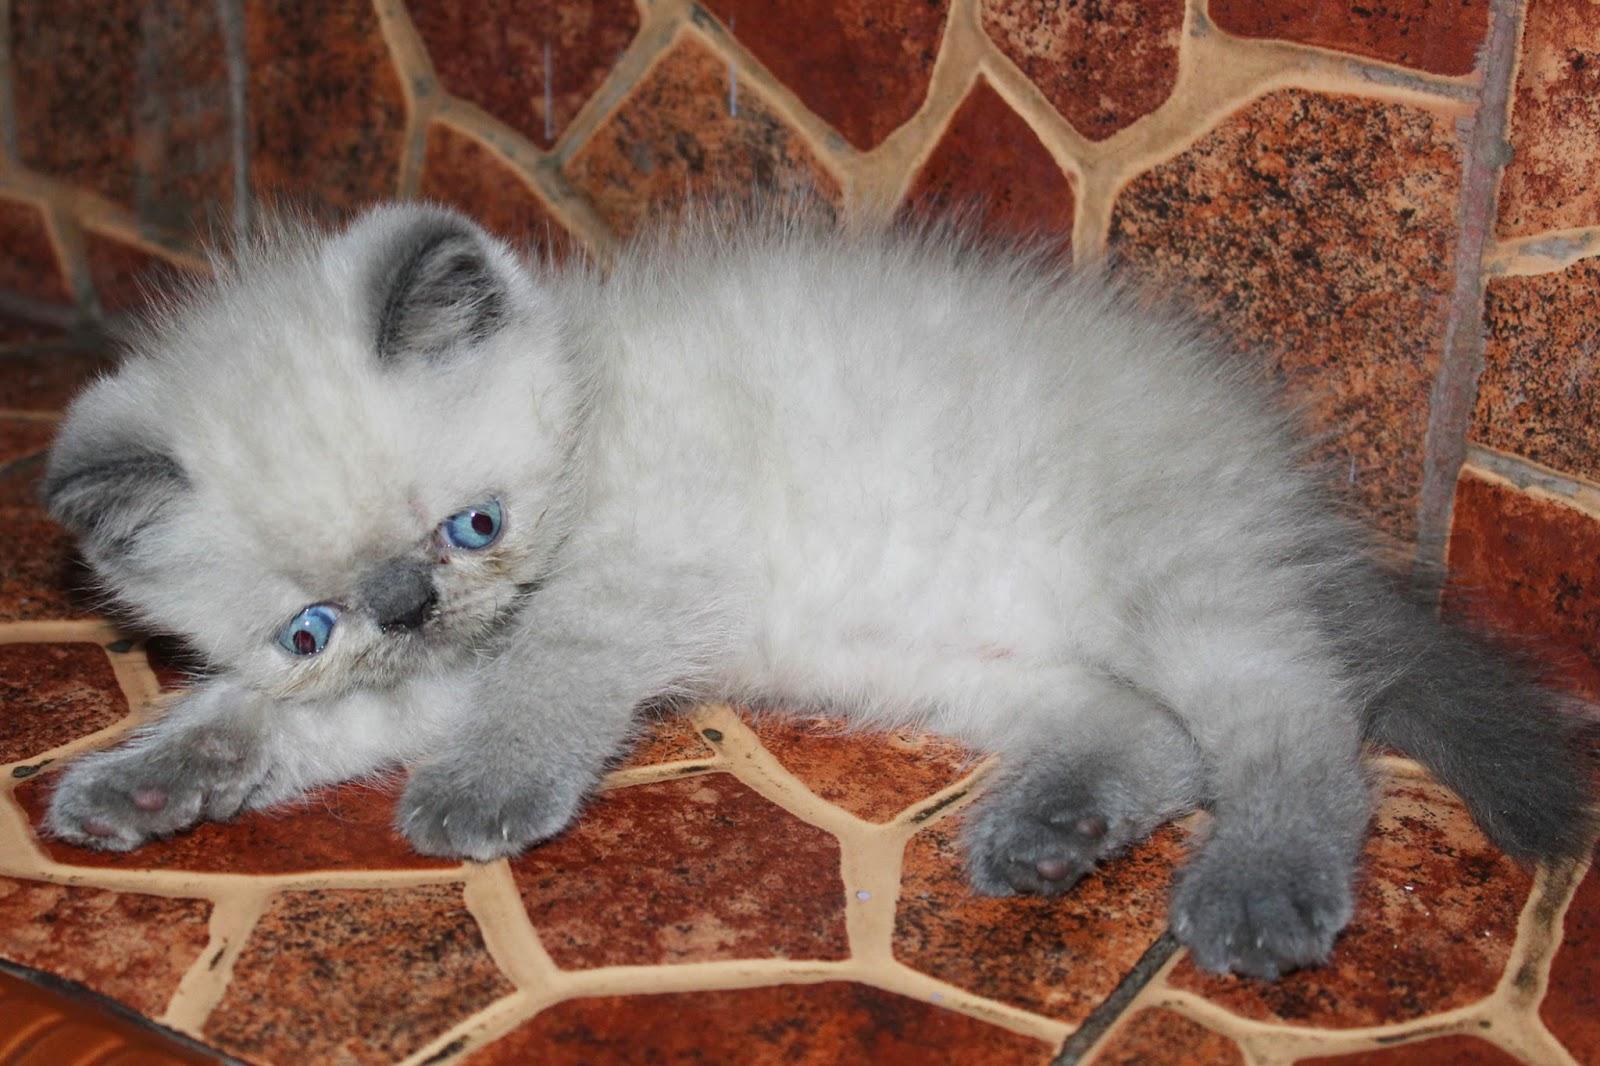 Harga Anak Kucing Persia Anggora Segitu Petshop